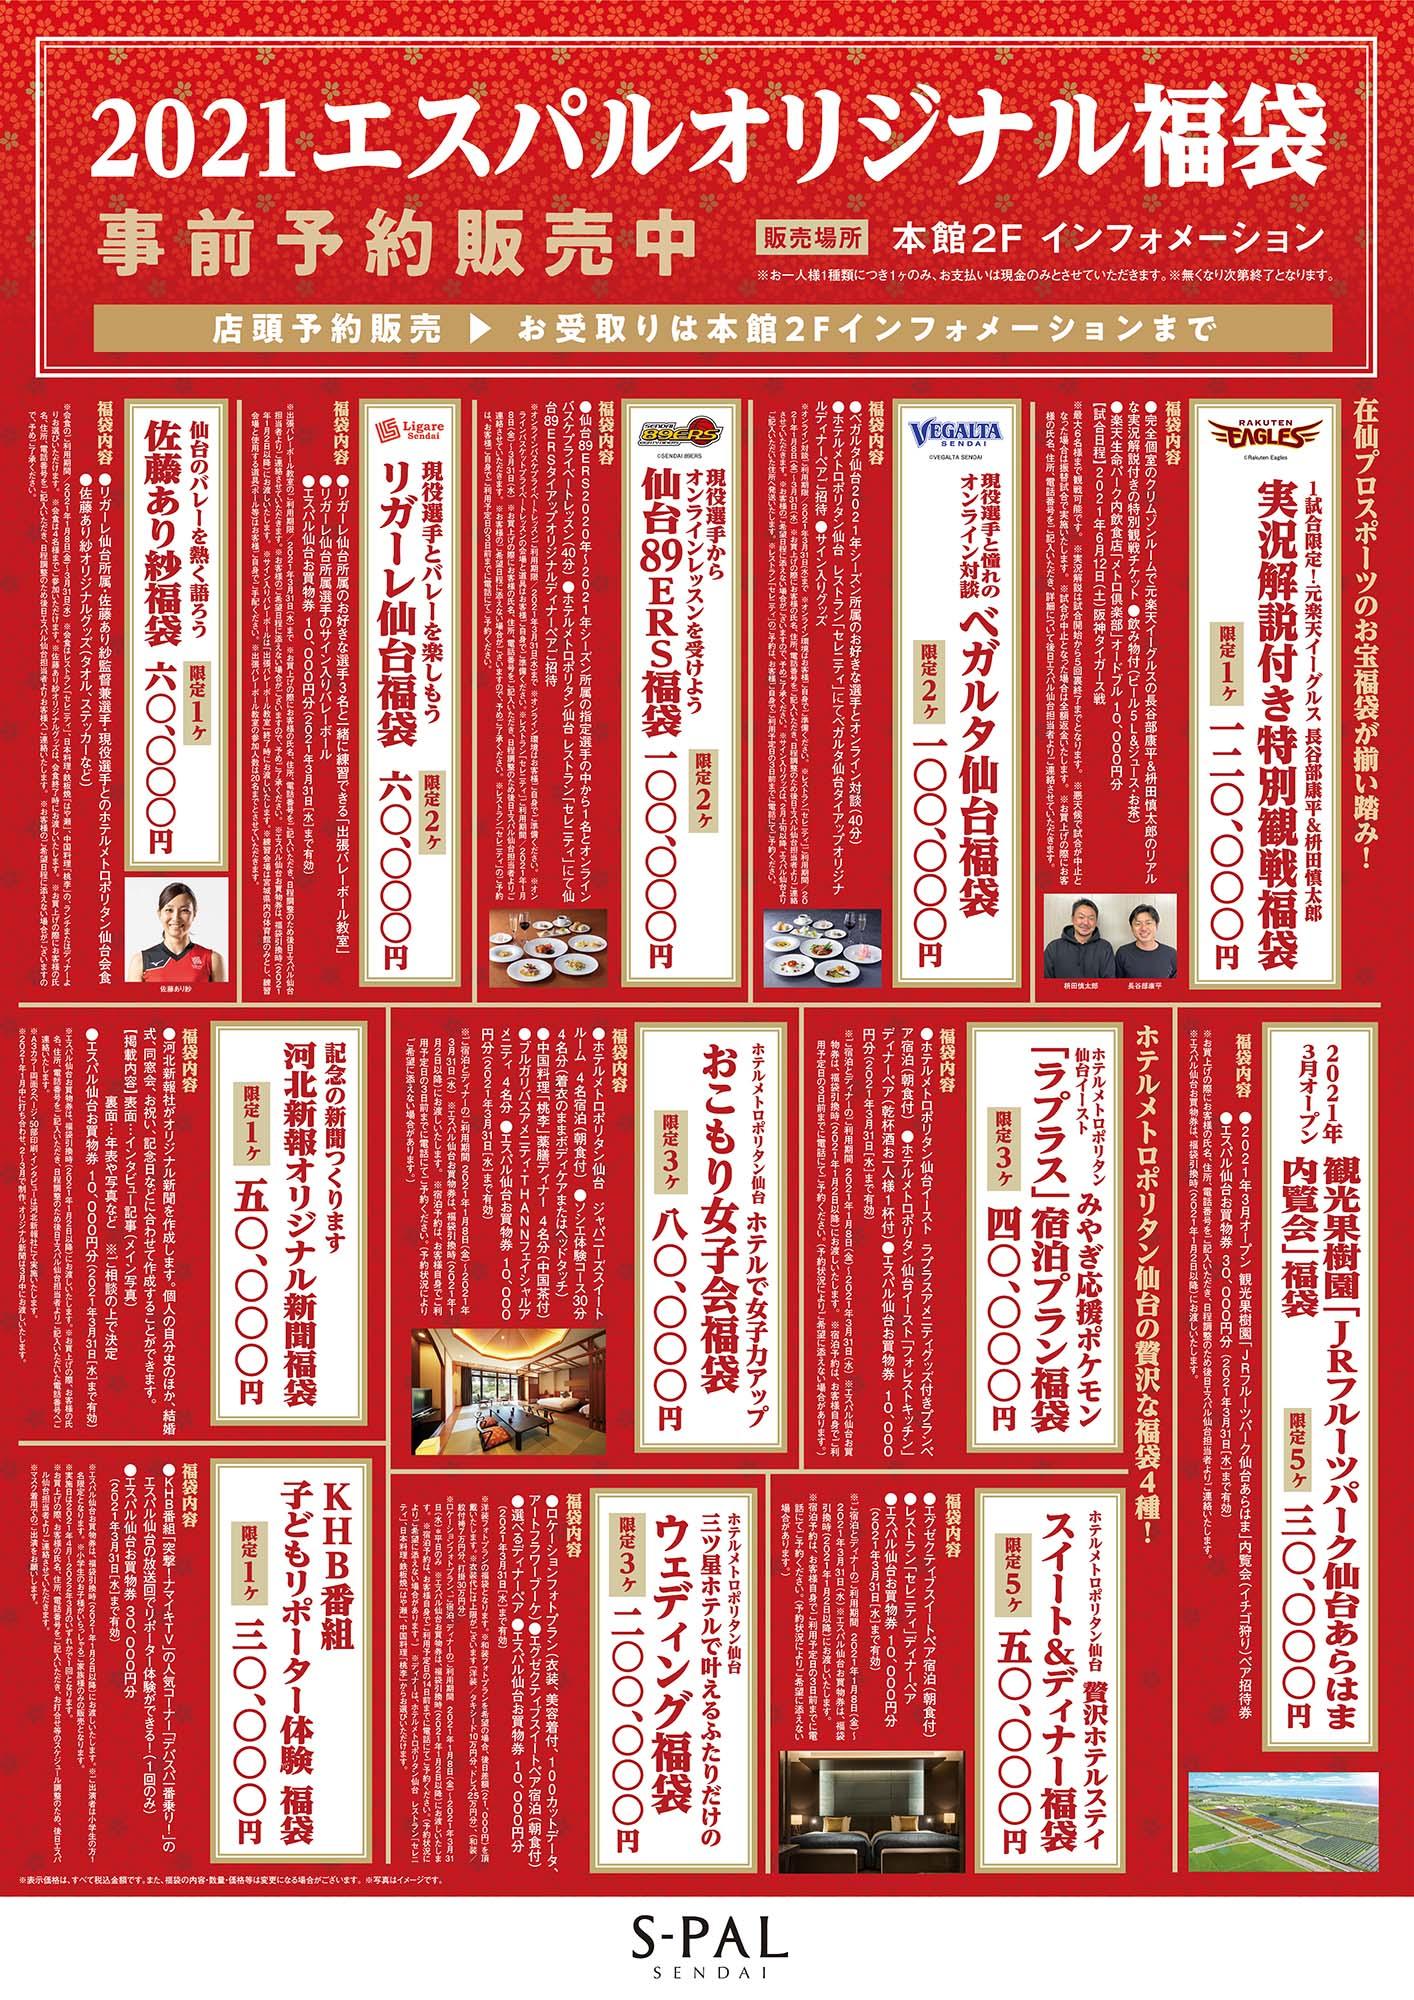 エスパル仙台初売り2021